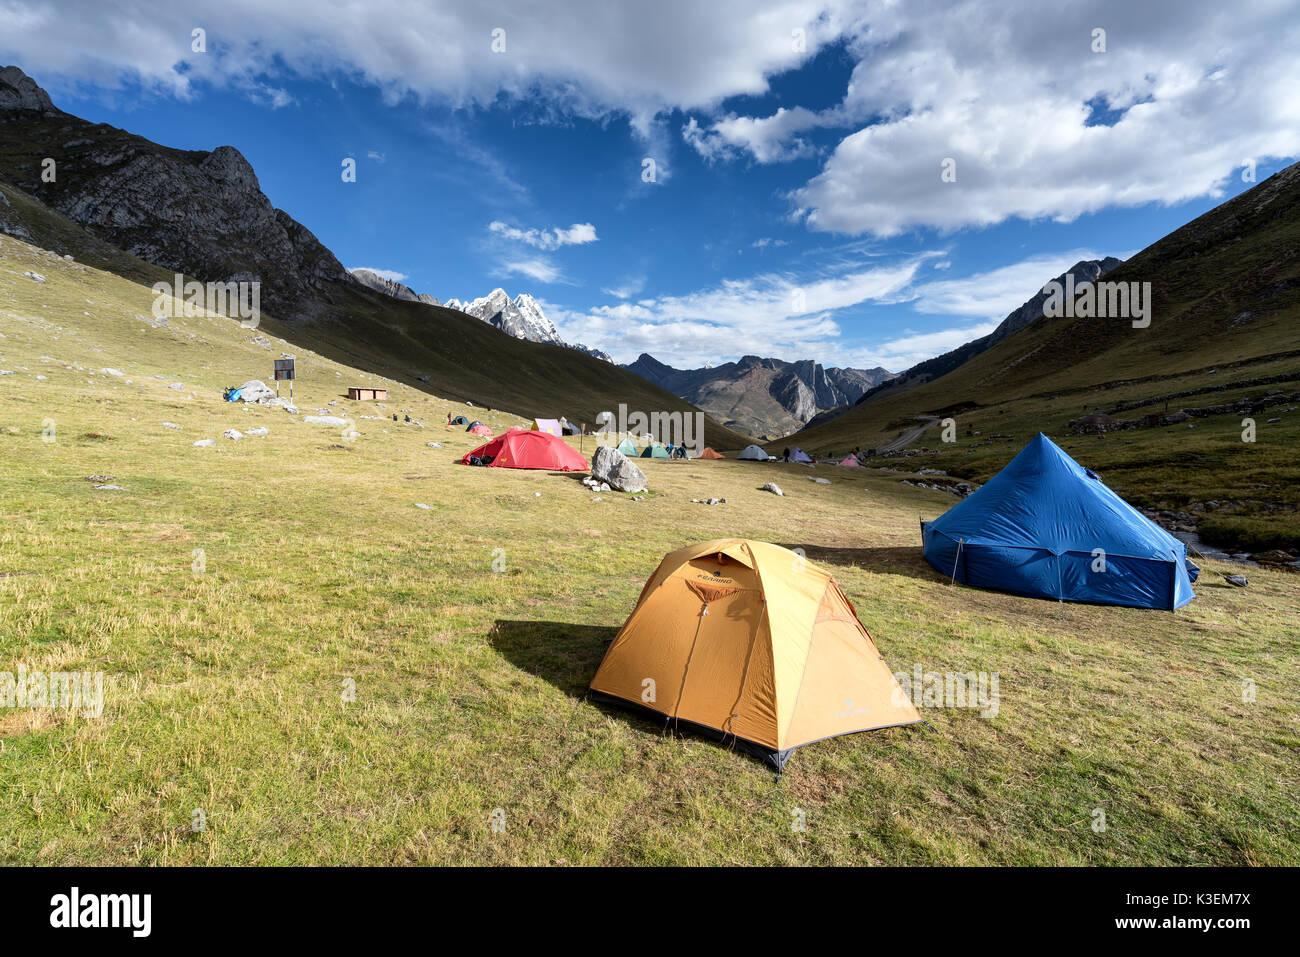 Camping on Huayhuash Trek, Peru - Stock Image